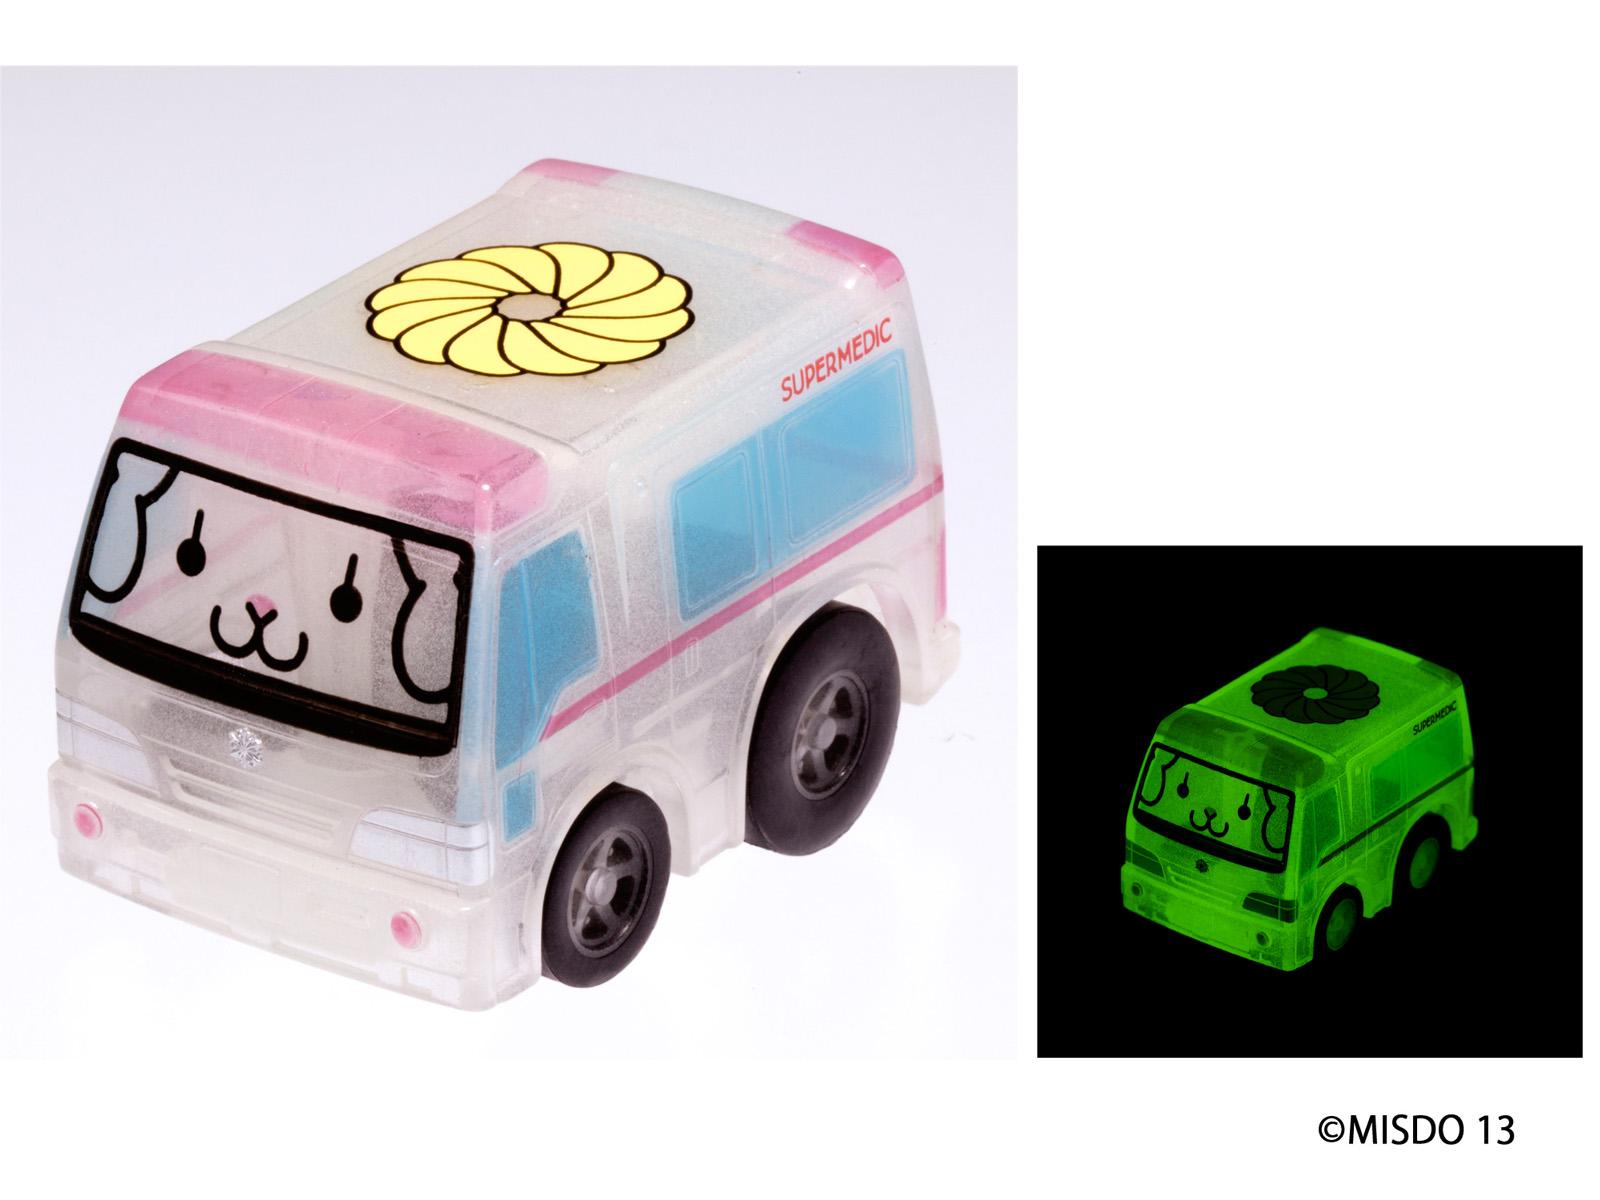 【ミスタードーナツ】『くらやみでひかるチョロQ』2種新登場 フレンチウーラー「きゅうきゅうしゃ」、ハニーシッポ「ミニパトカー」